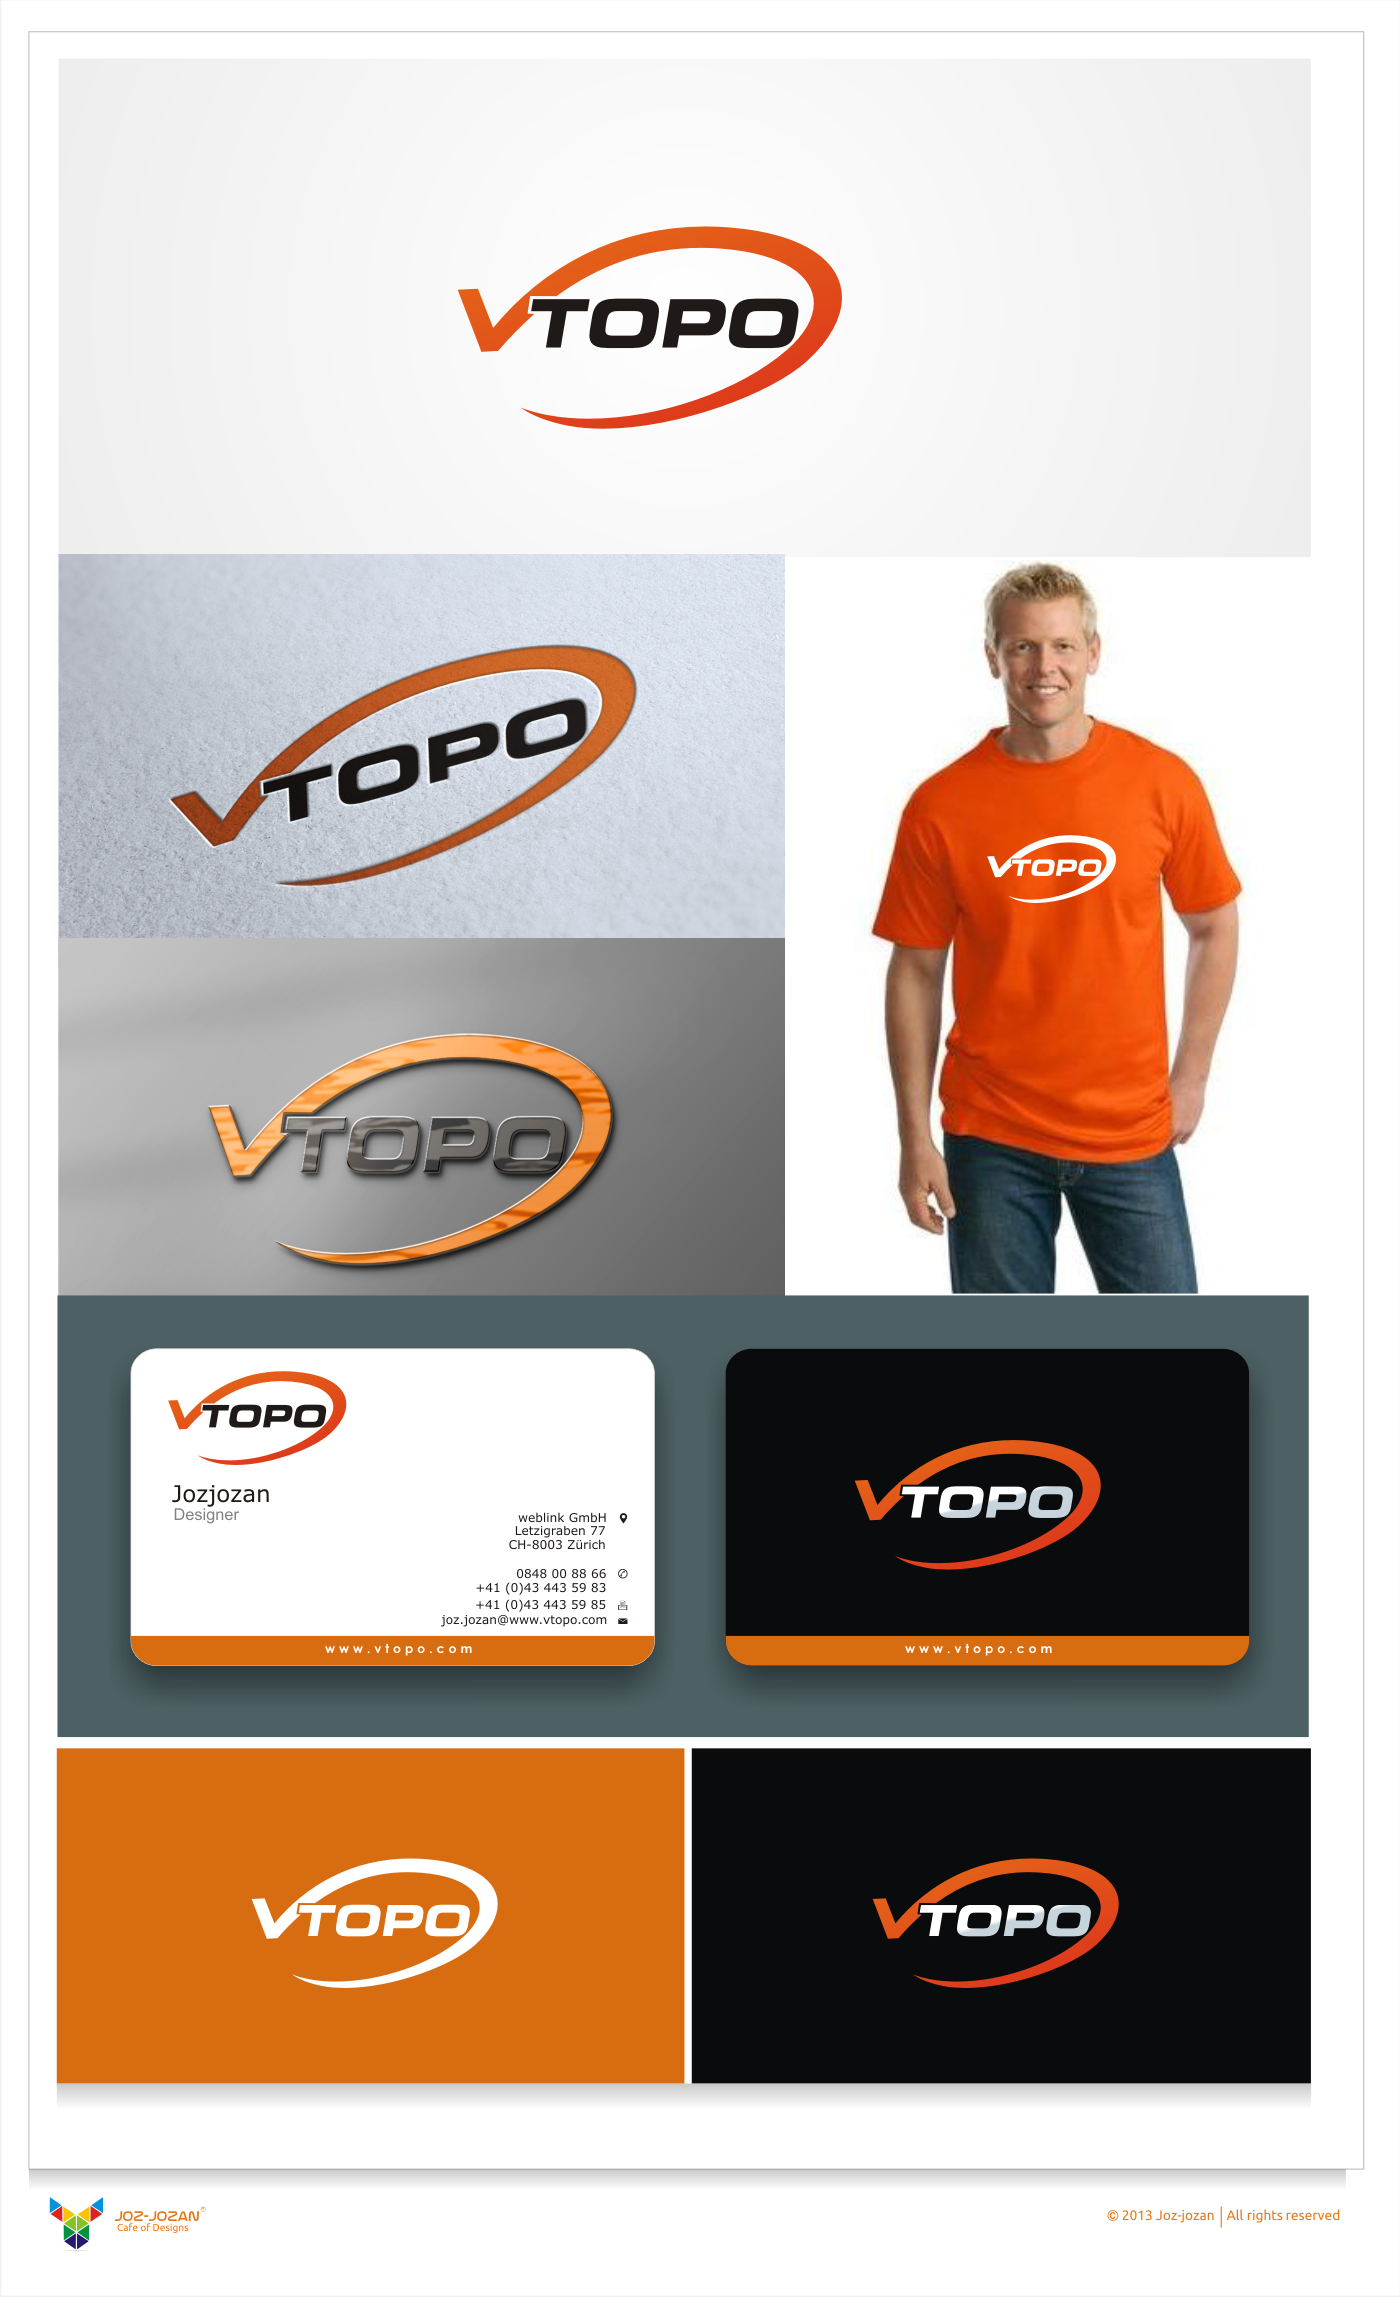 Créez le/la logo suivant(e) pour VTOPO